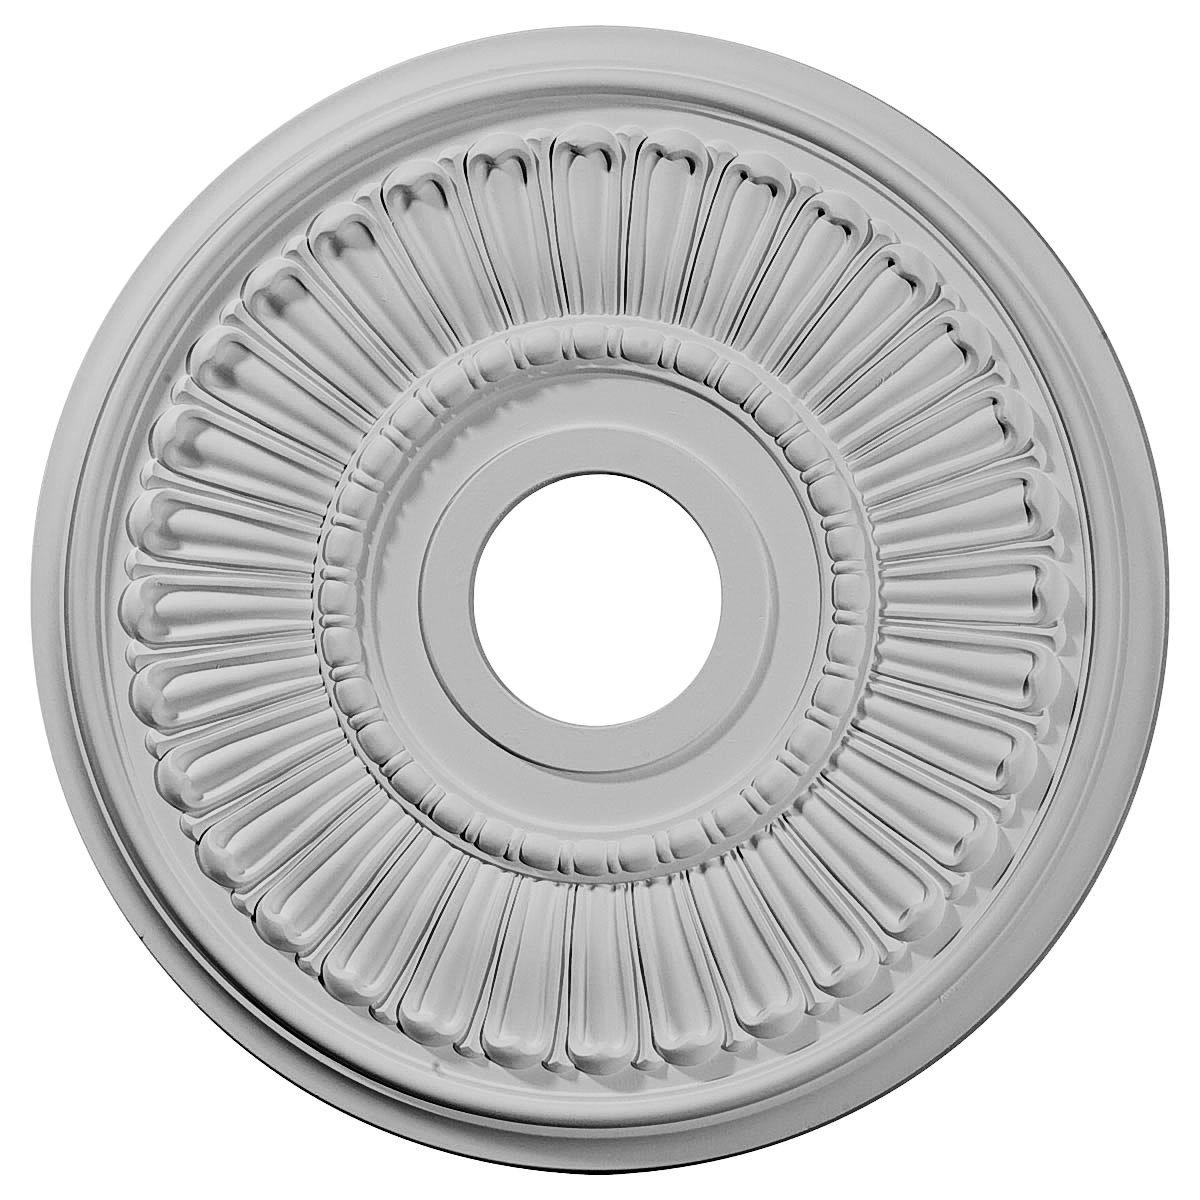 Ekena Millwork CM16ML 16-Inch OD x 3 5/8-Inch ID x 3/4-Inch Melonie Ceiling Medallion by Ekena Millwork